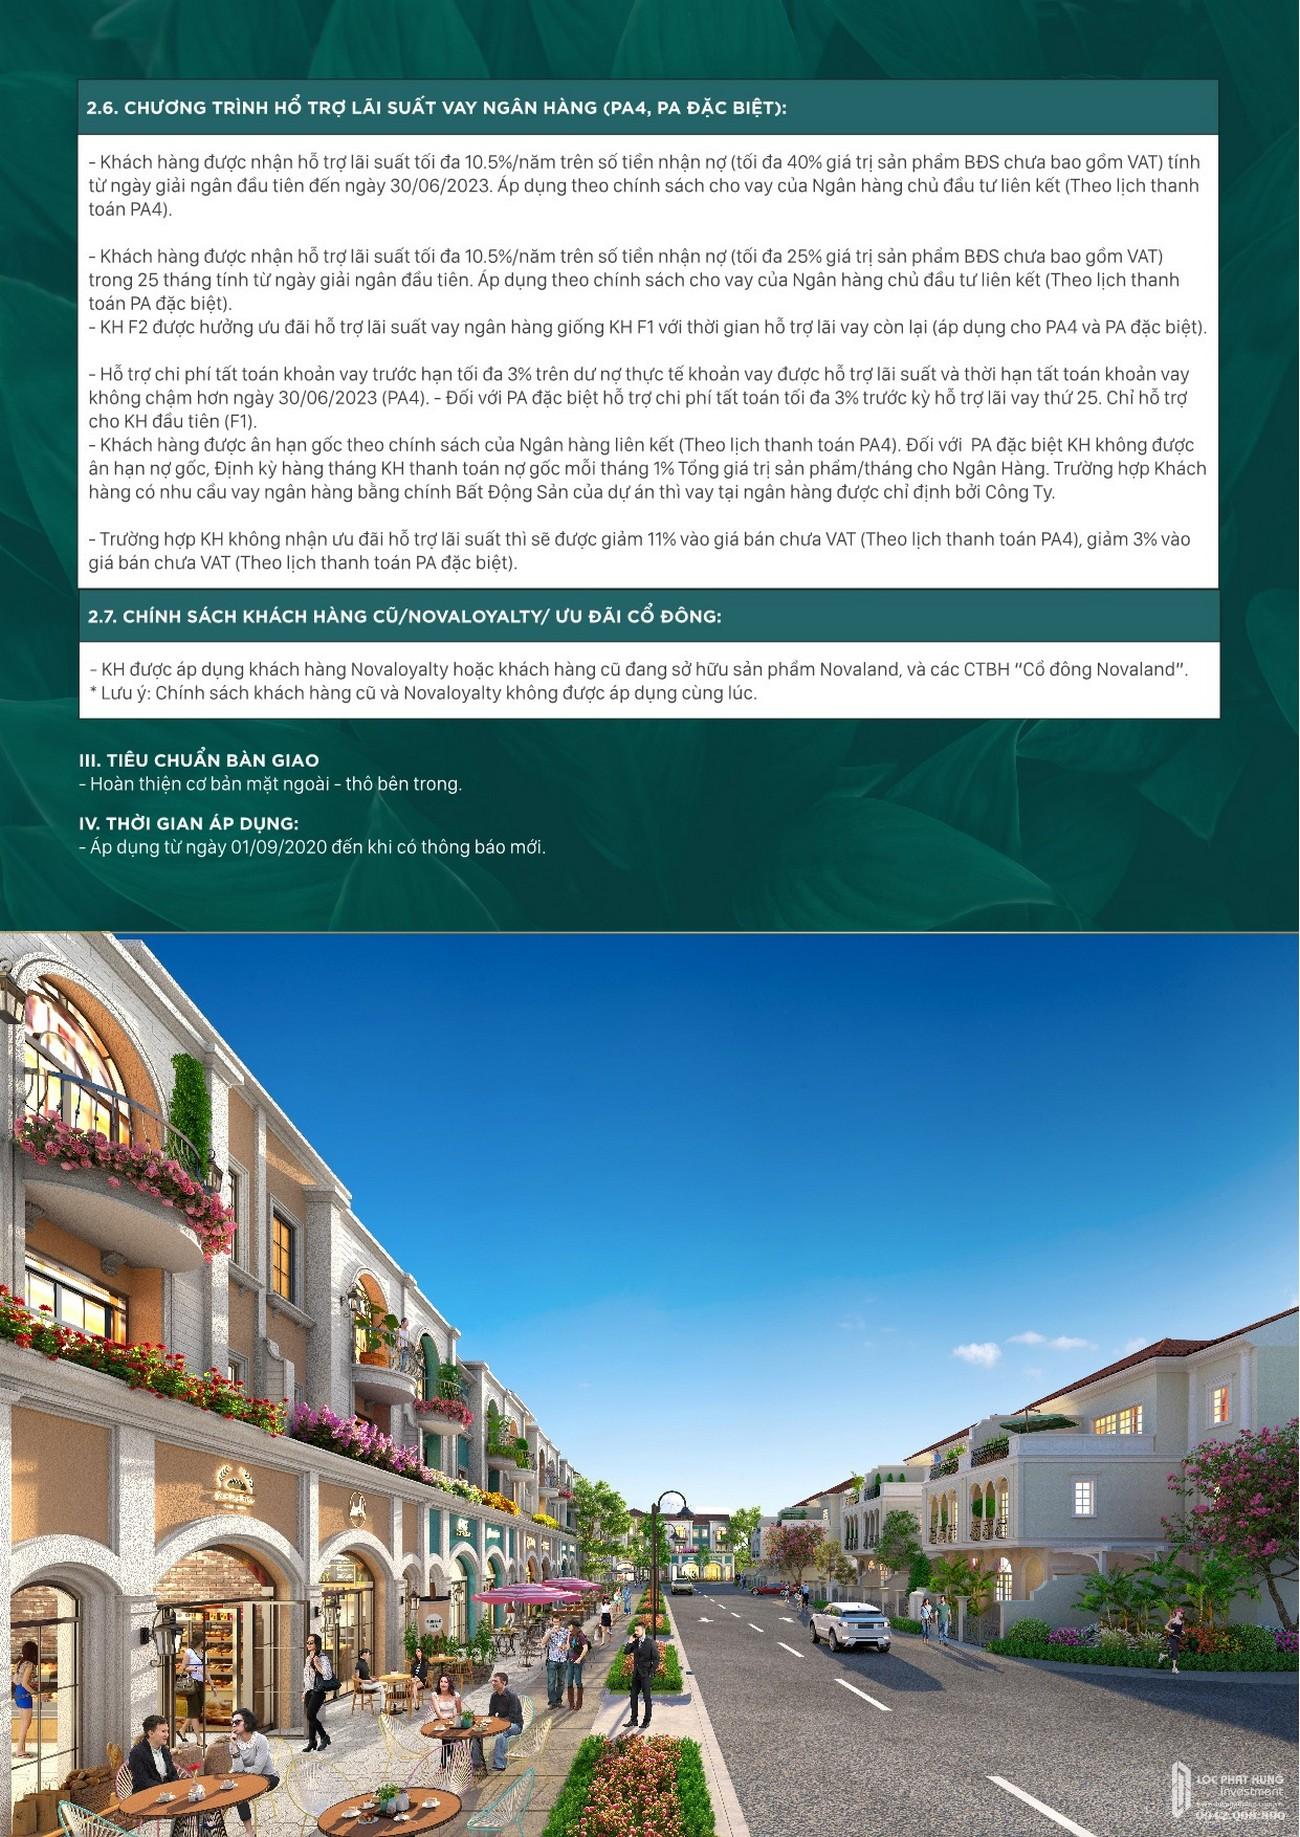 Chương trình bán hàng dự án Aqua City nhà phát triển Novaland